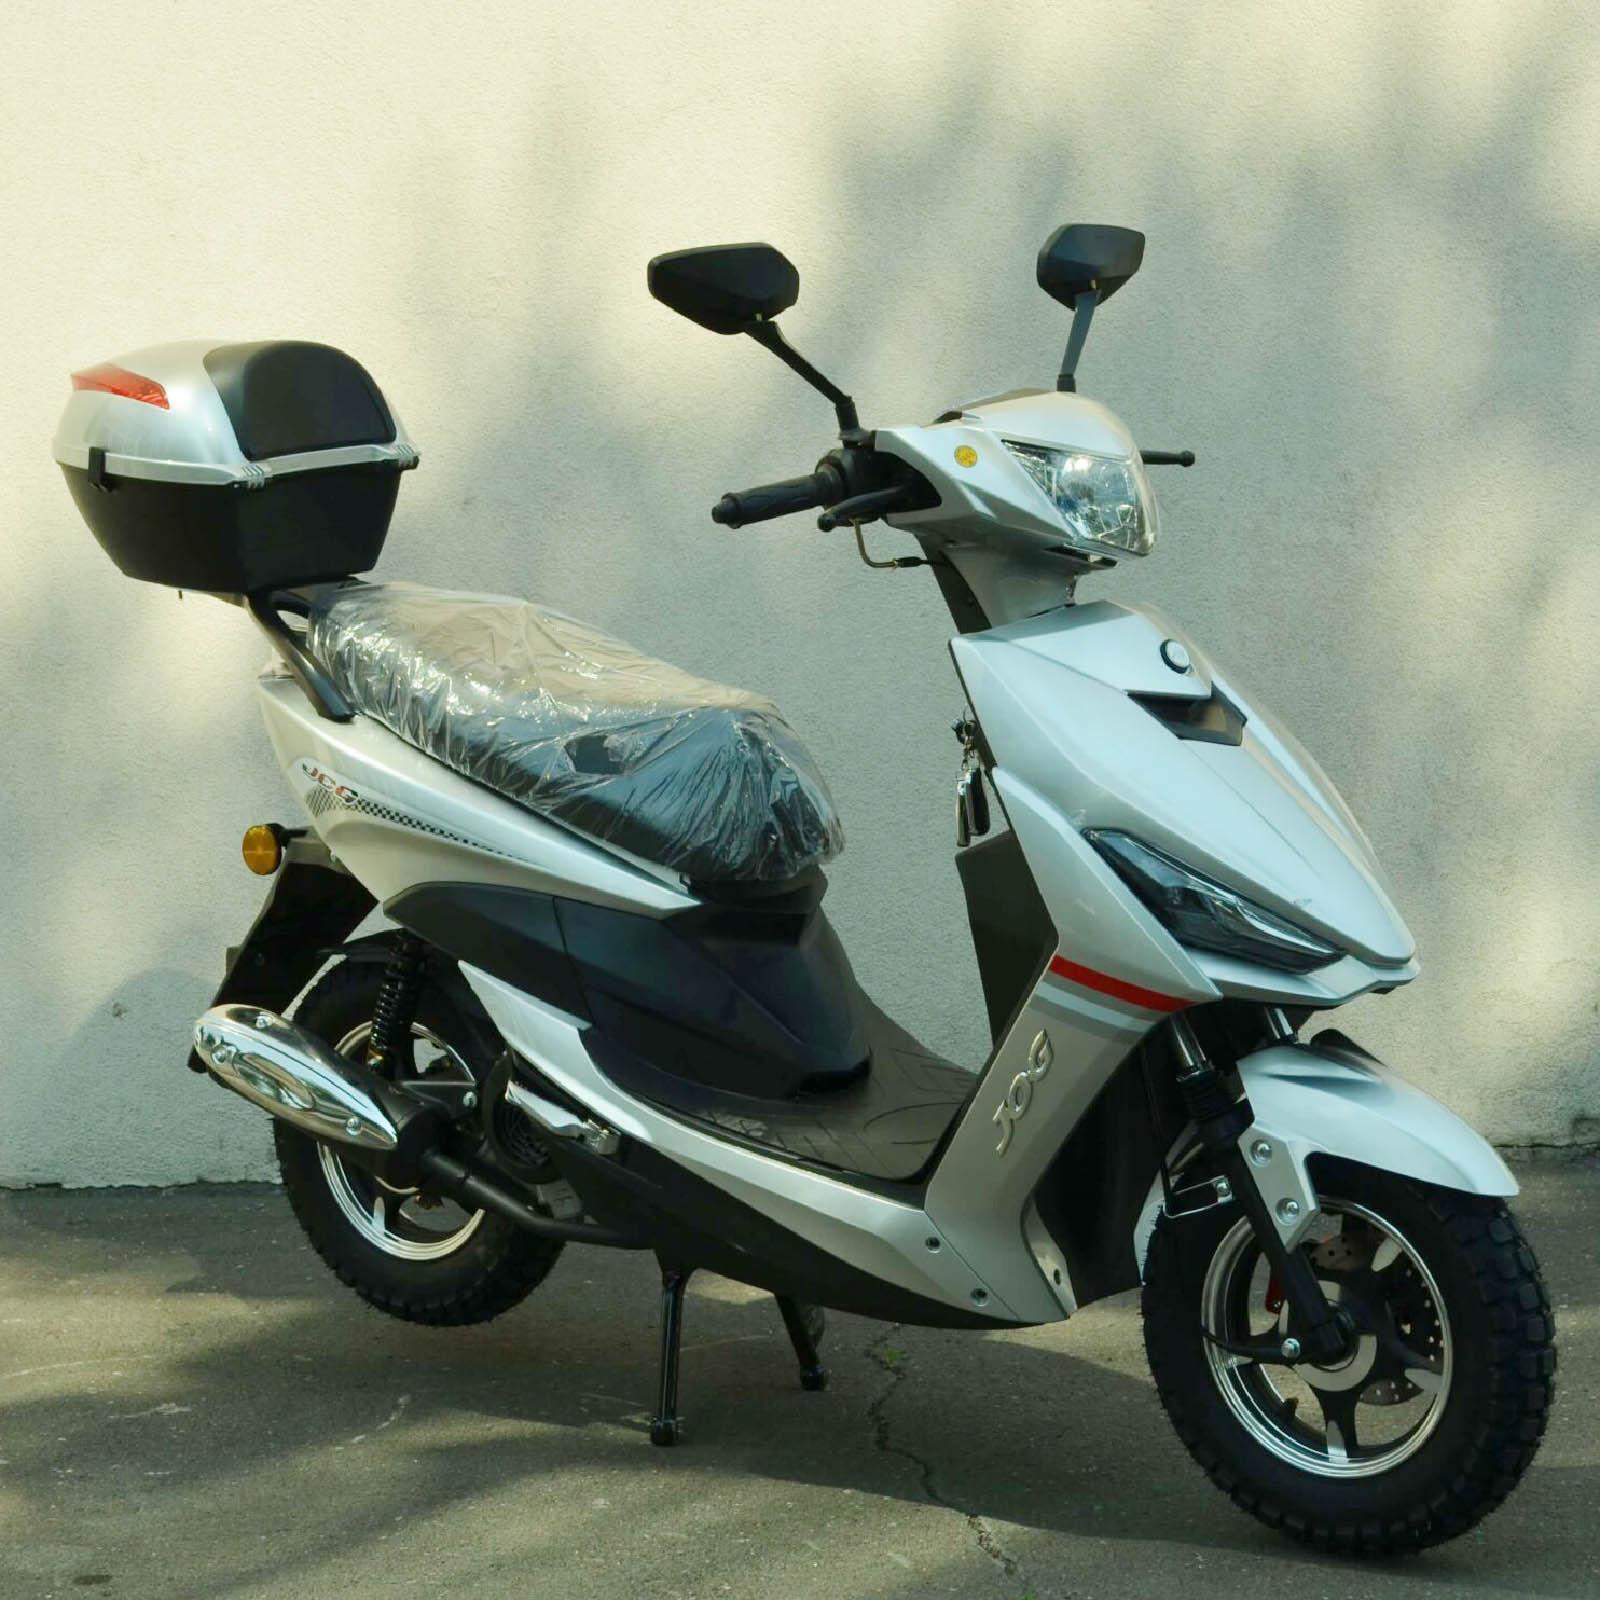 Скутер Jog 49.9 цвет серебристый металлик вид справа спереди купить по низкой цене